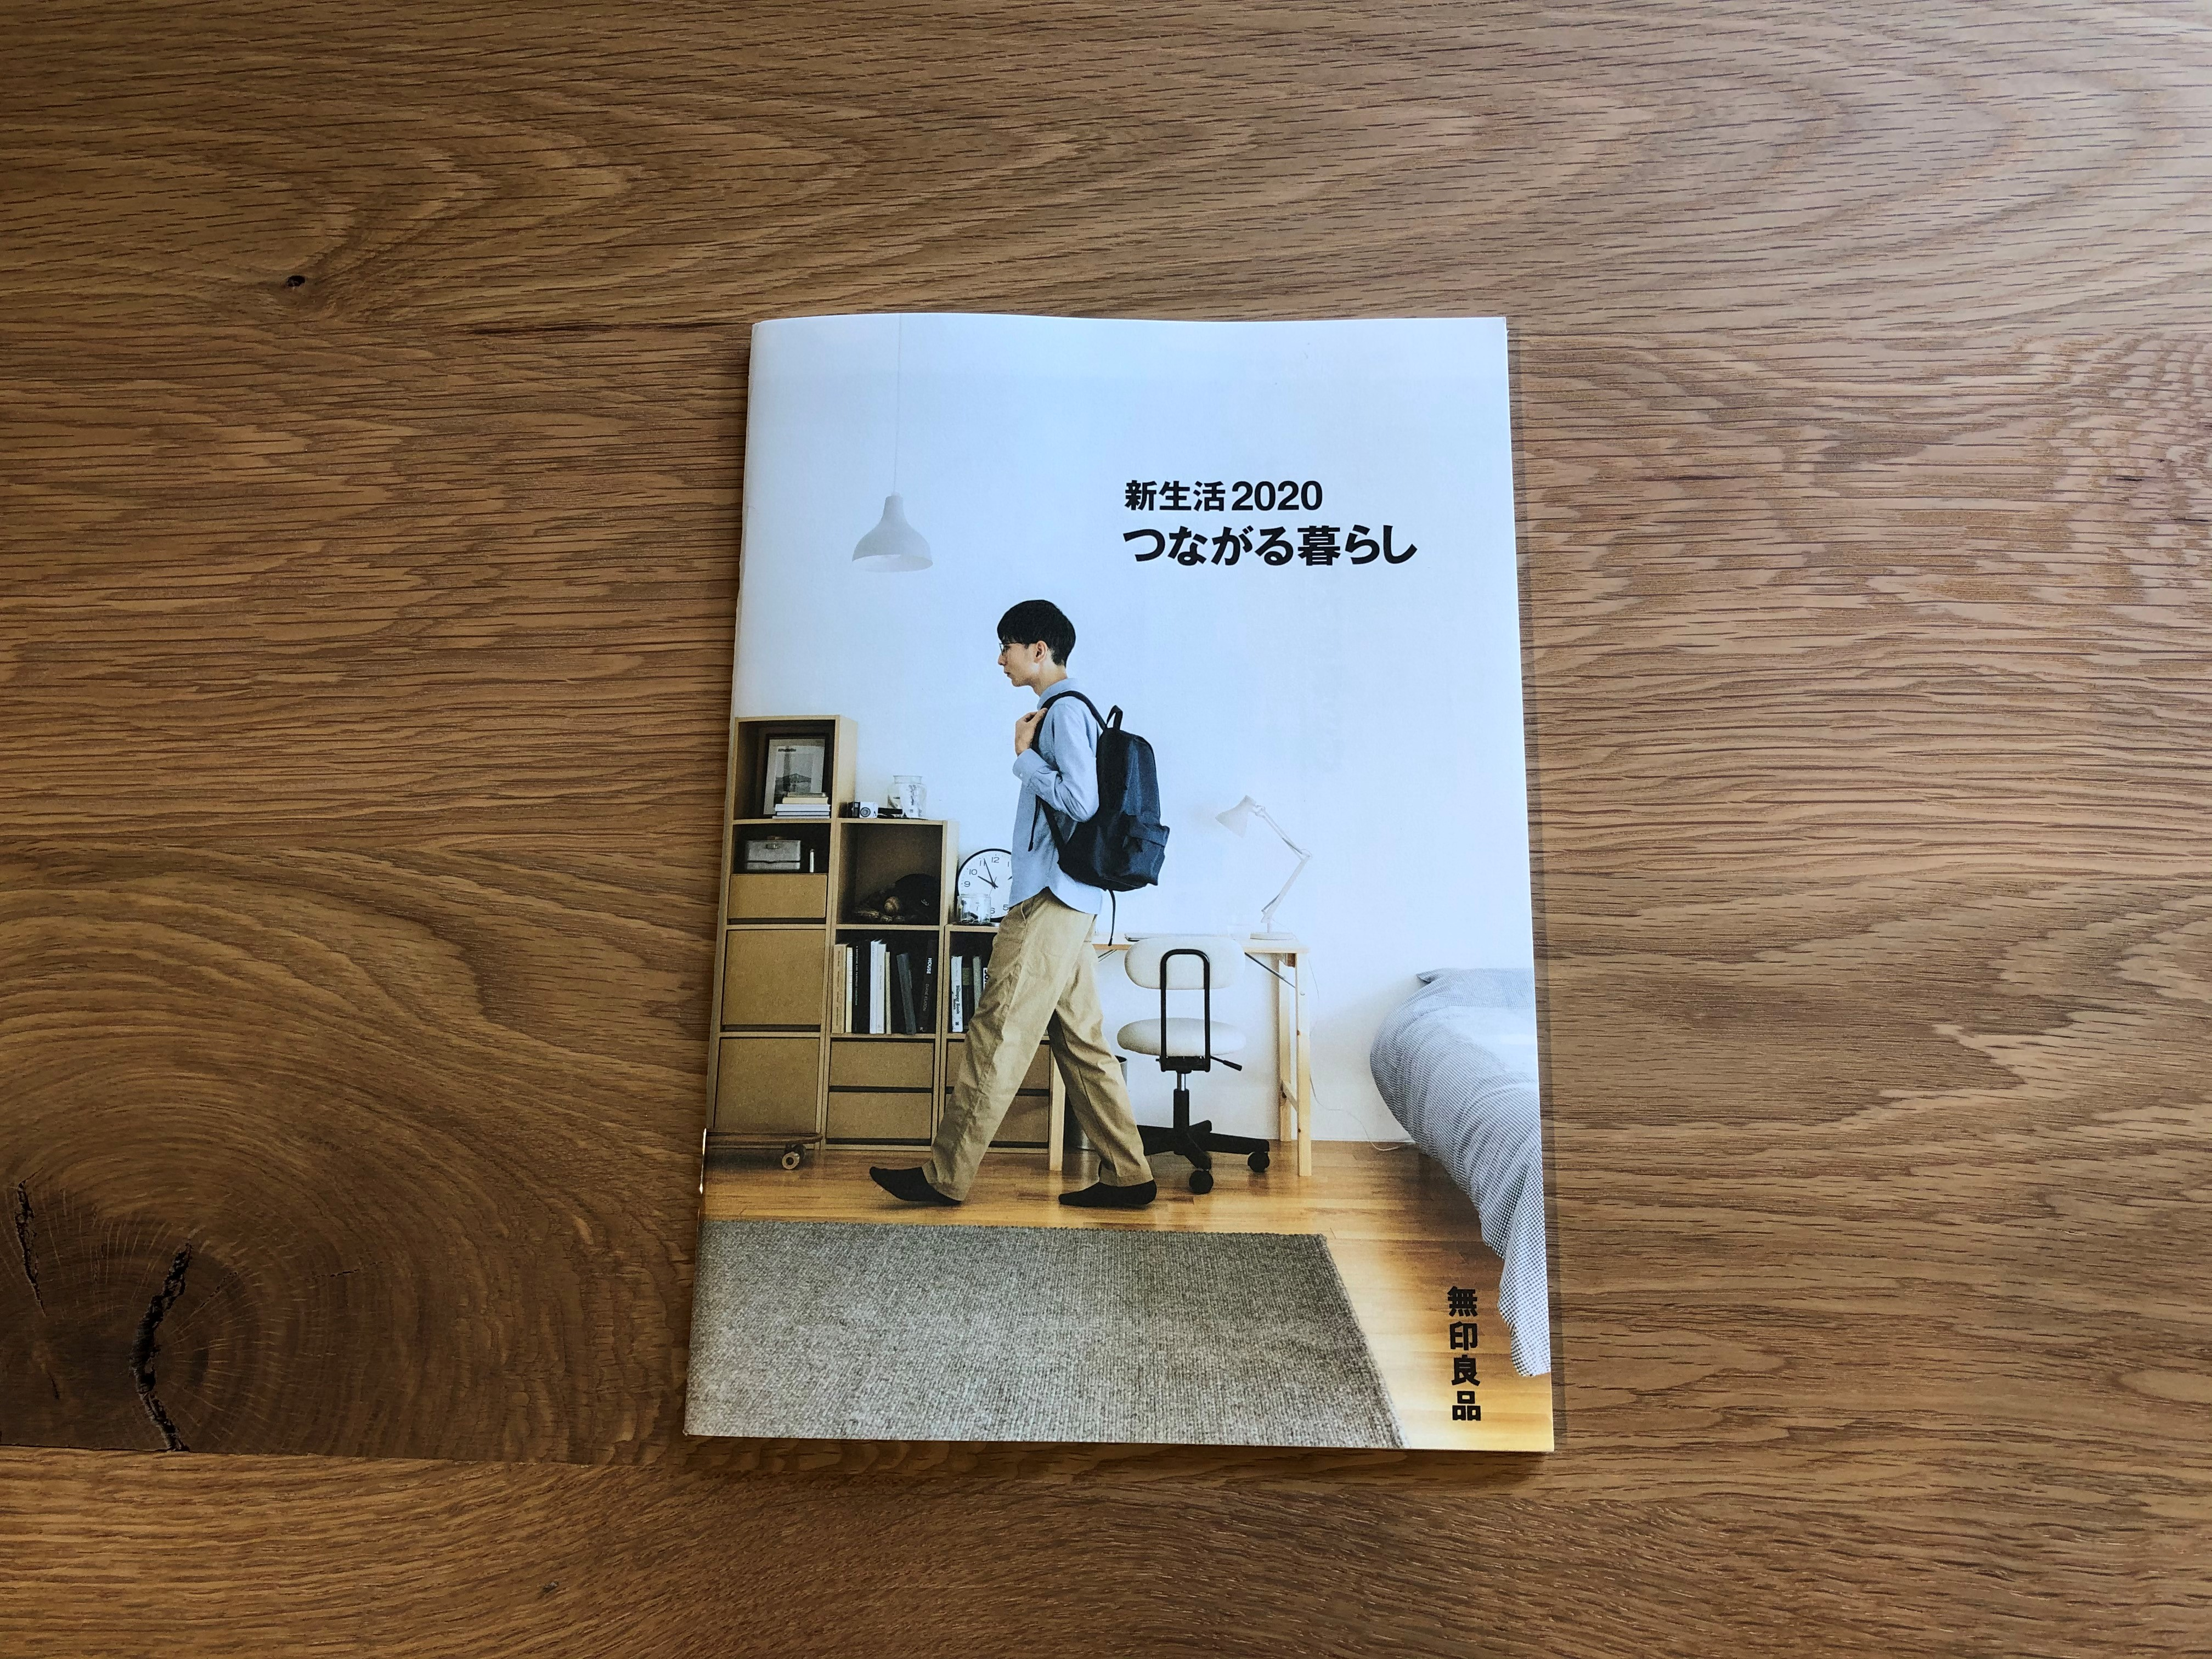 【シエスタハコダテ】新生活に向けて③